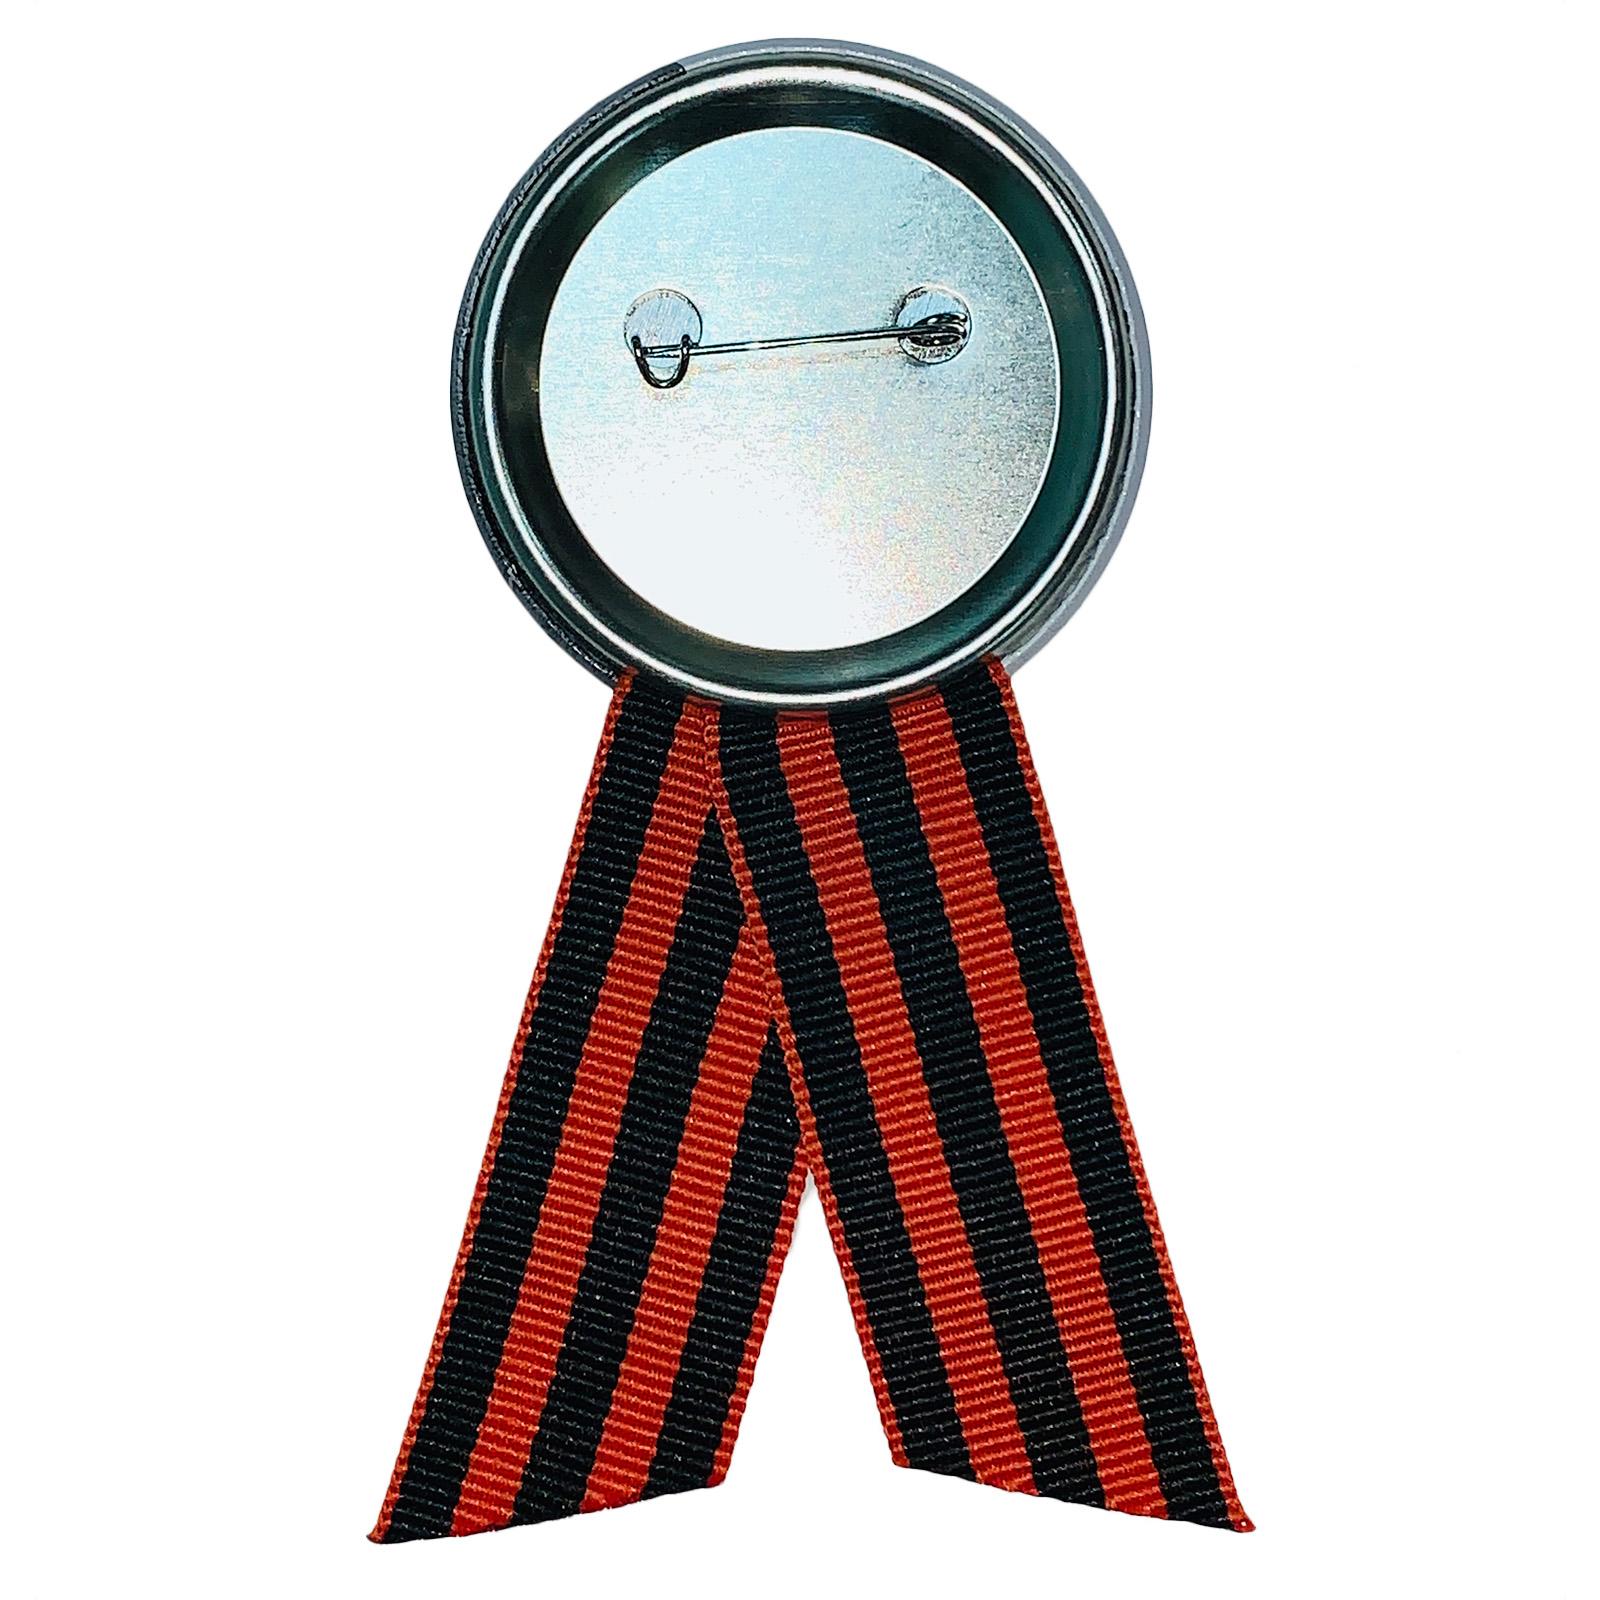 Значок «Дети войны» на 75 лет Победы - крепление булавка